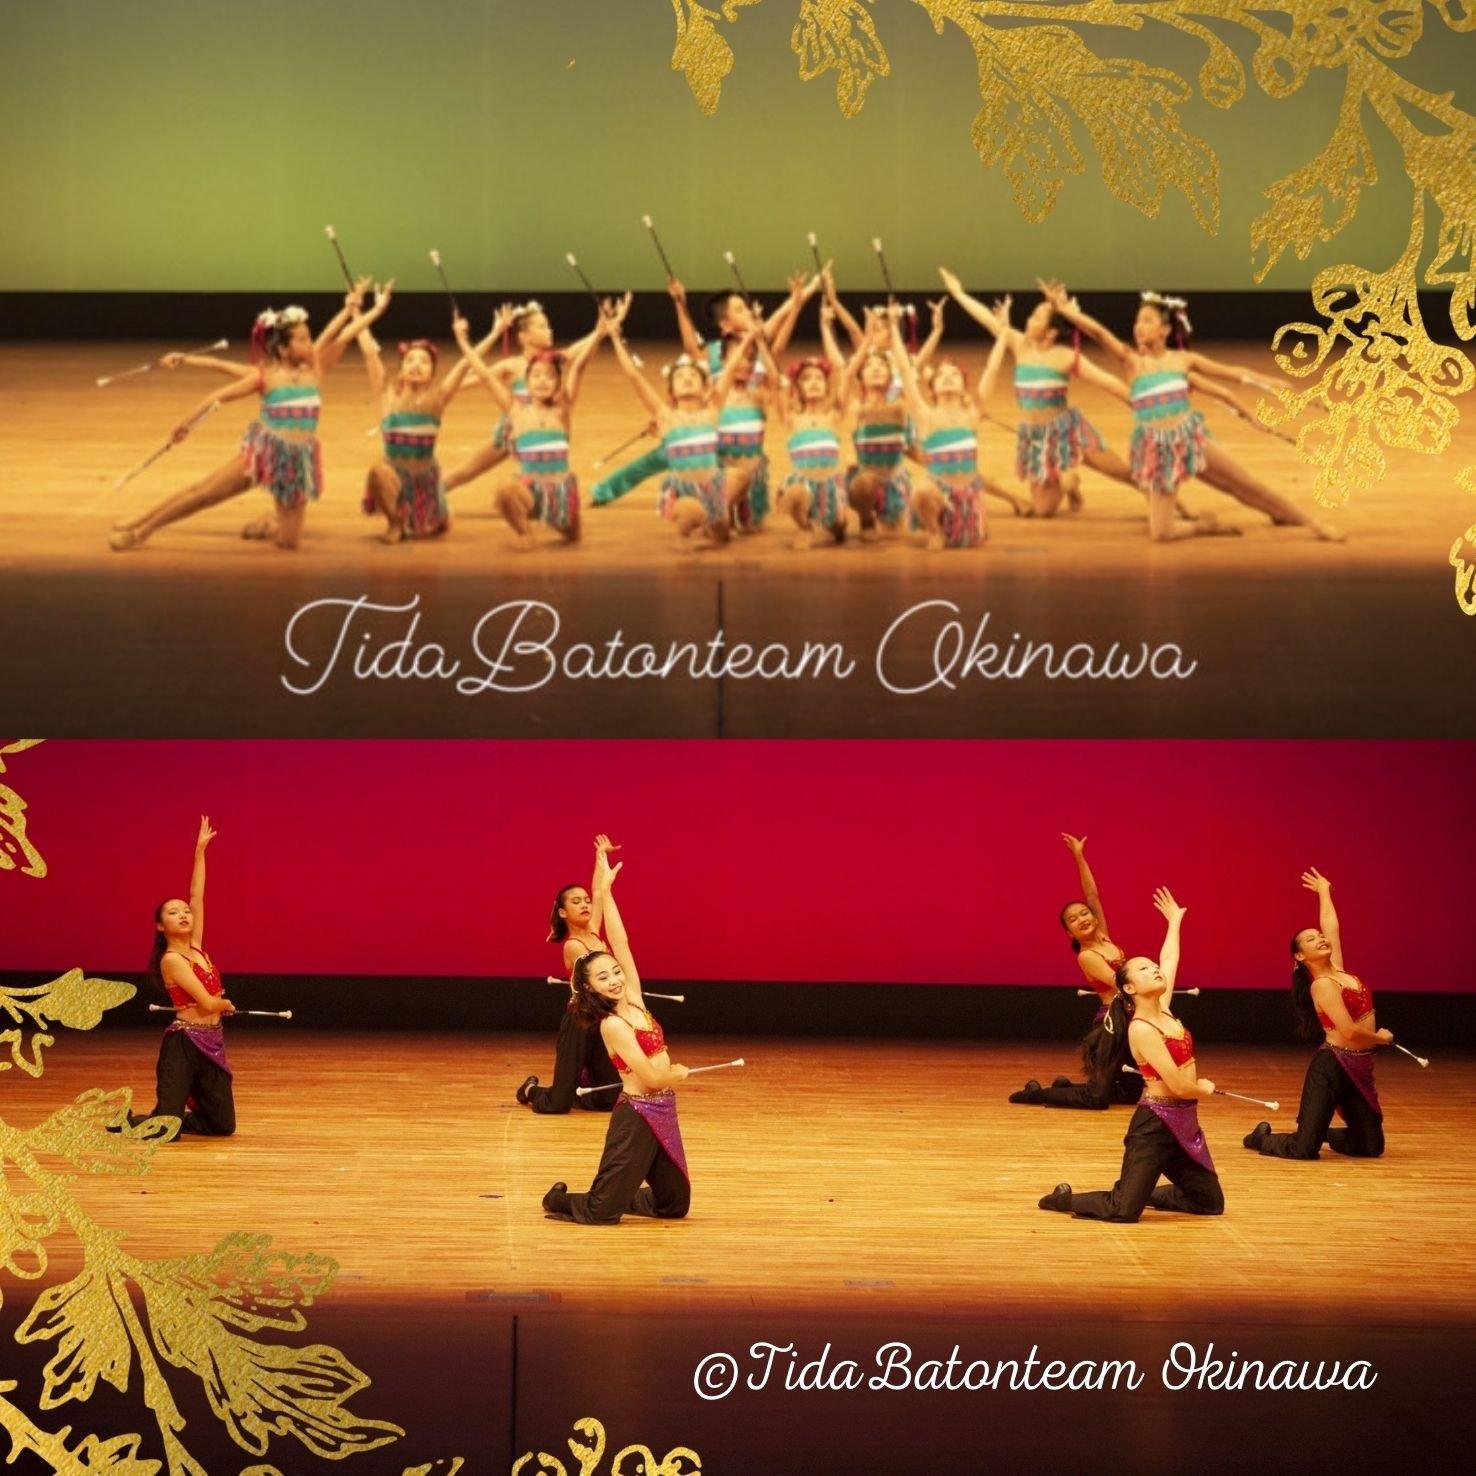 創立10周年記念 第1回 TidaBatonteam Okinawa バトン発表会の小人用チケット (小・中学生)のイメージその6